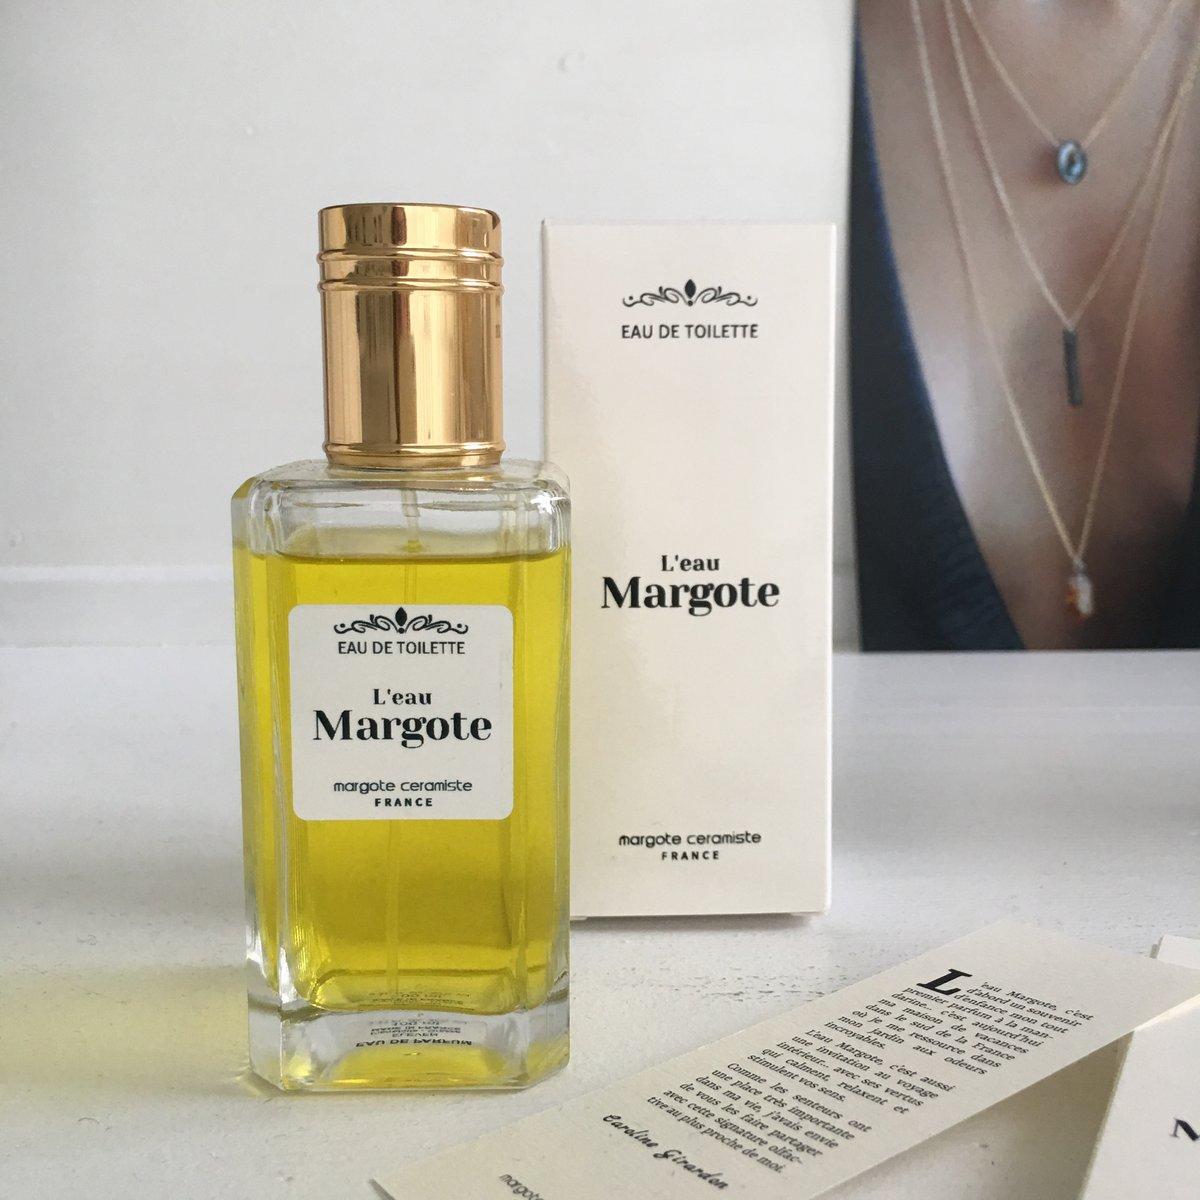 Image of L'EAU MARGOTE - L'EAU DE TOILETTE